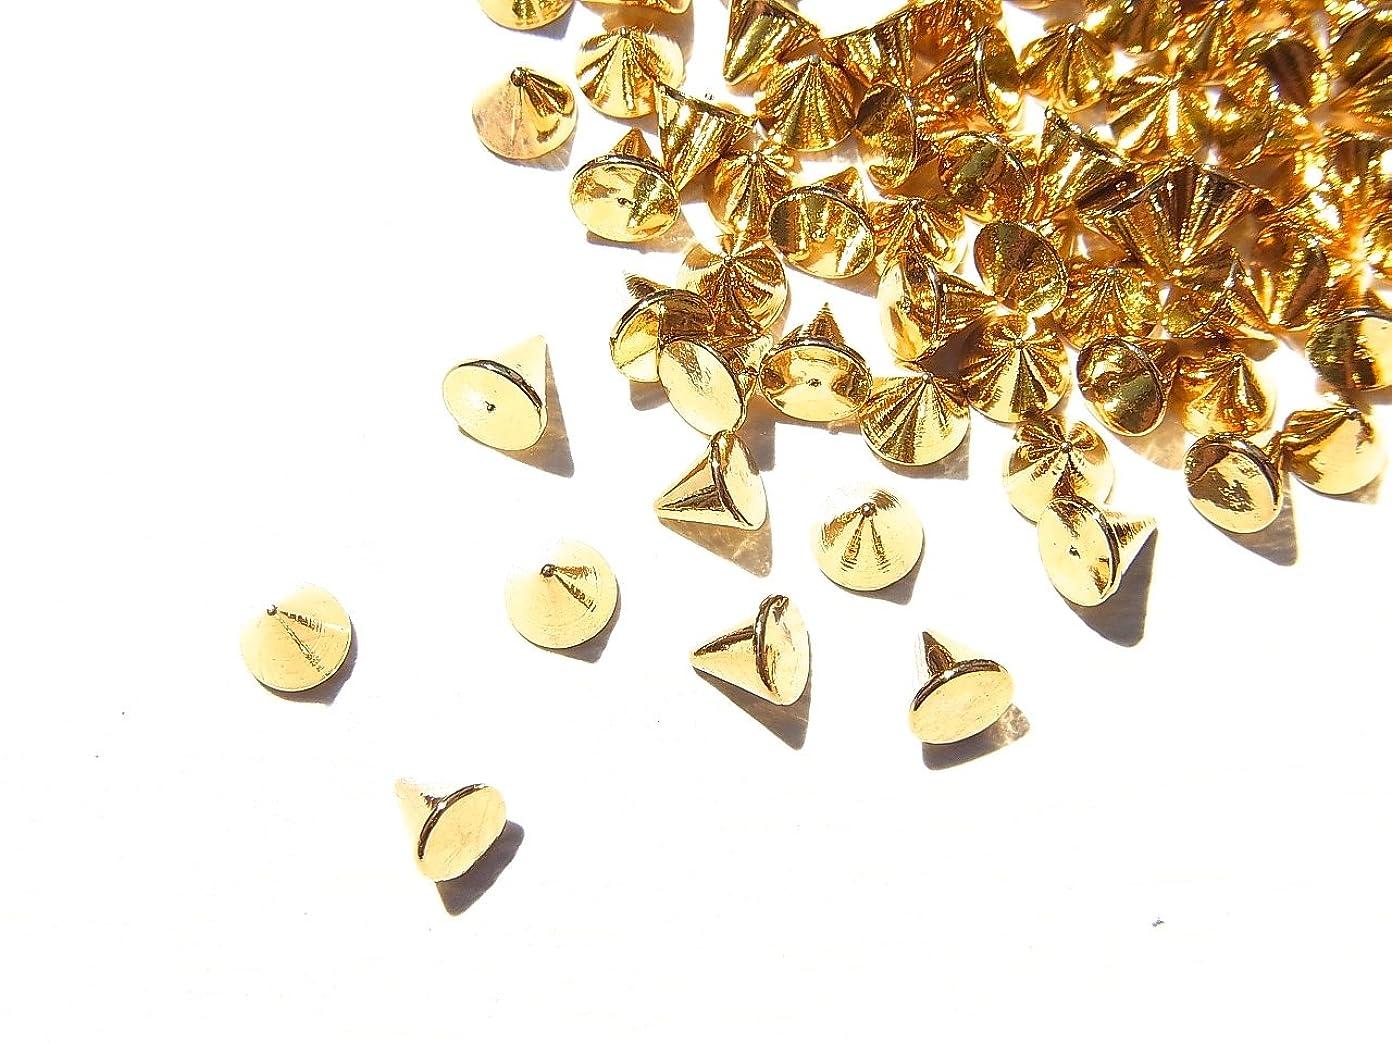 洞察力のある閉塞不適切な【jewel】ゴールド メタルパーツ リベット (トゲトゲ) Lサイズ 10個入り 3mm×3mm 手芸 材料 レジン ネイルアート パーツ 素材